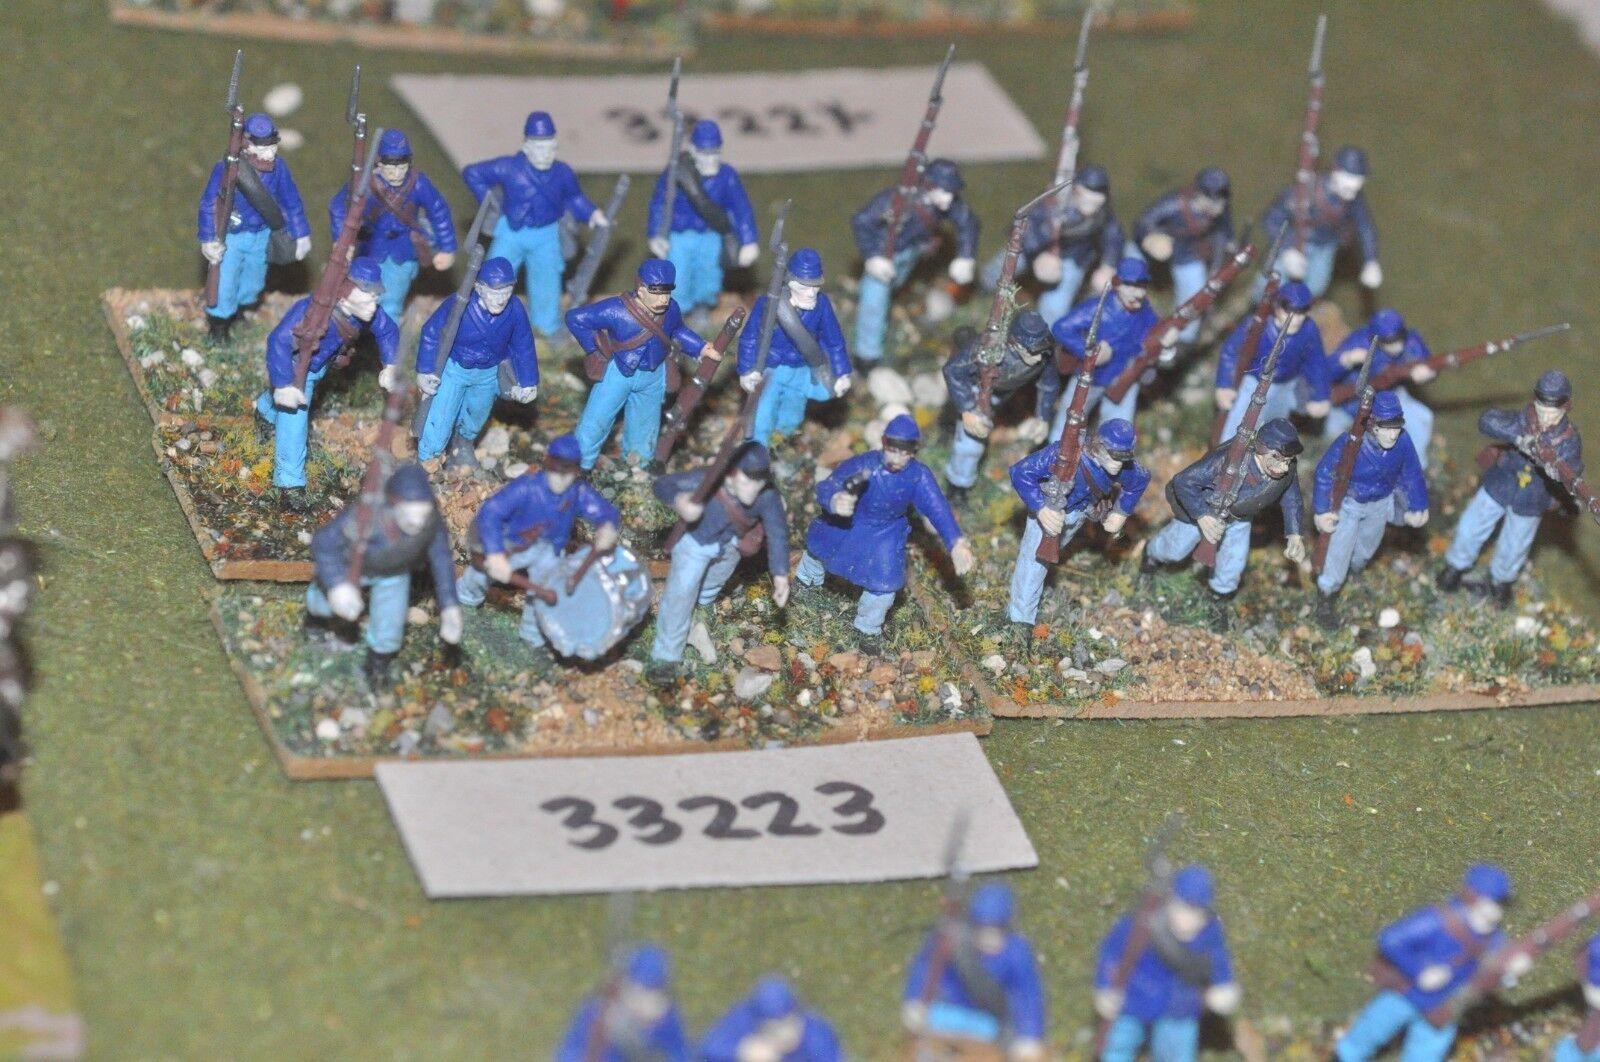 25mm ACW   union - regiment (plastic) 24 figures - inf (33223)